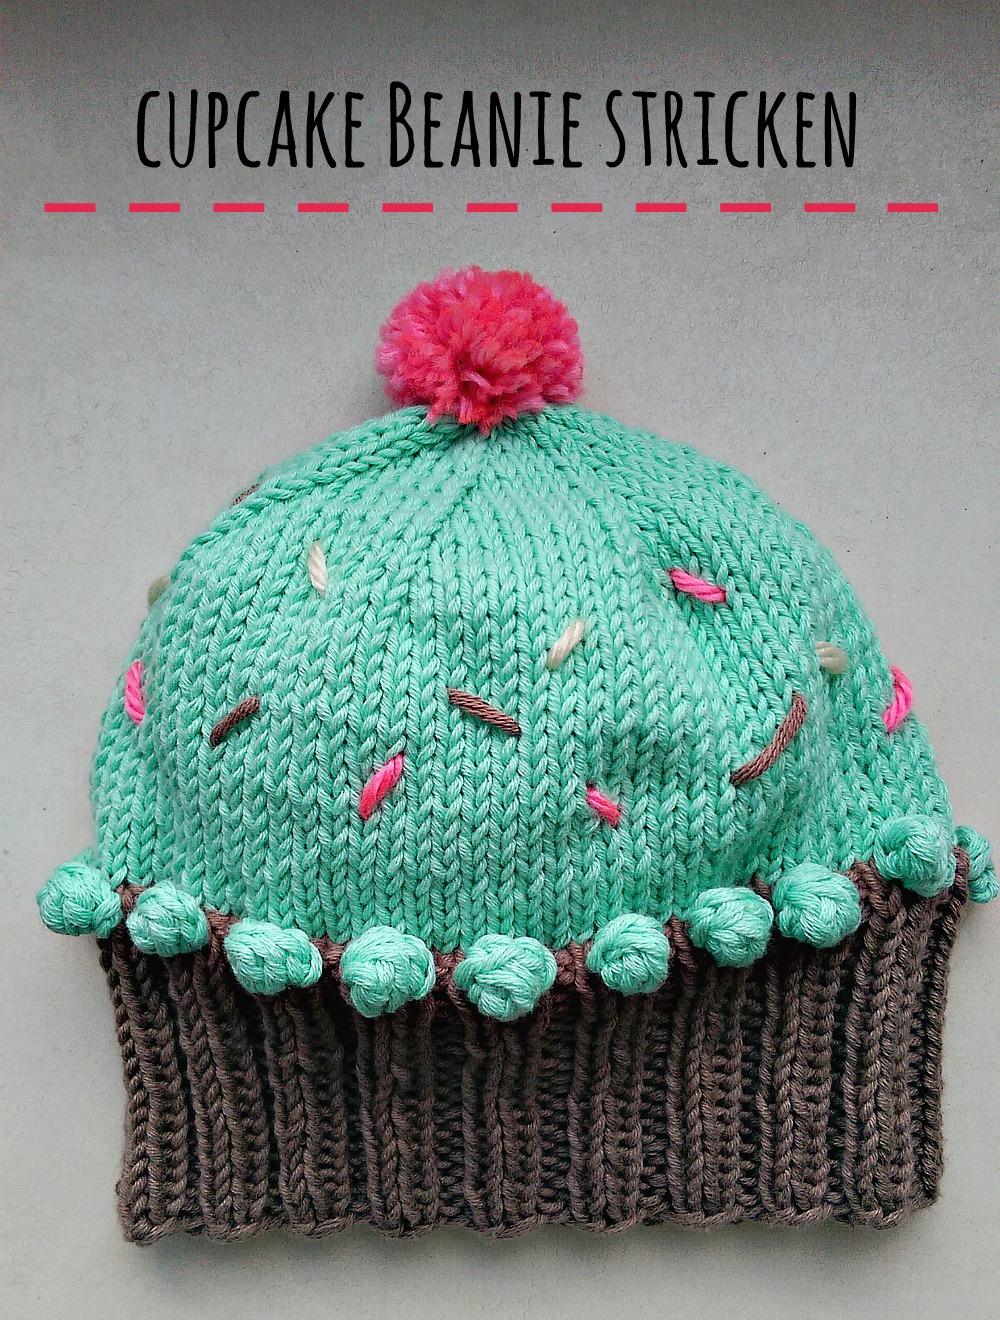 schoenstricken.de | Cupcake Beanie stricken